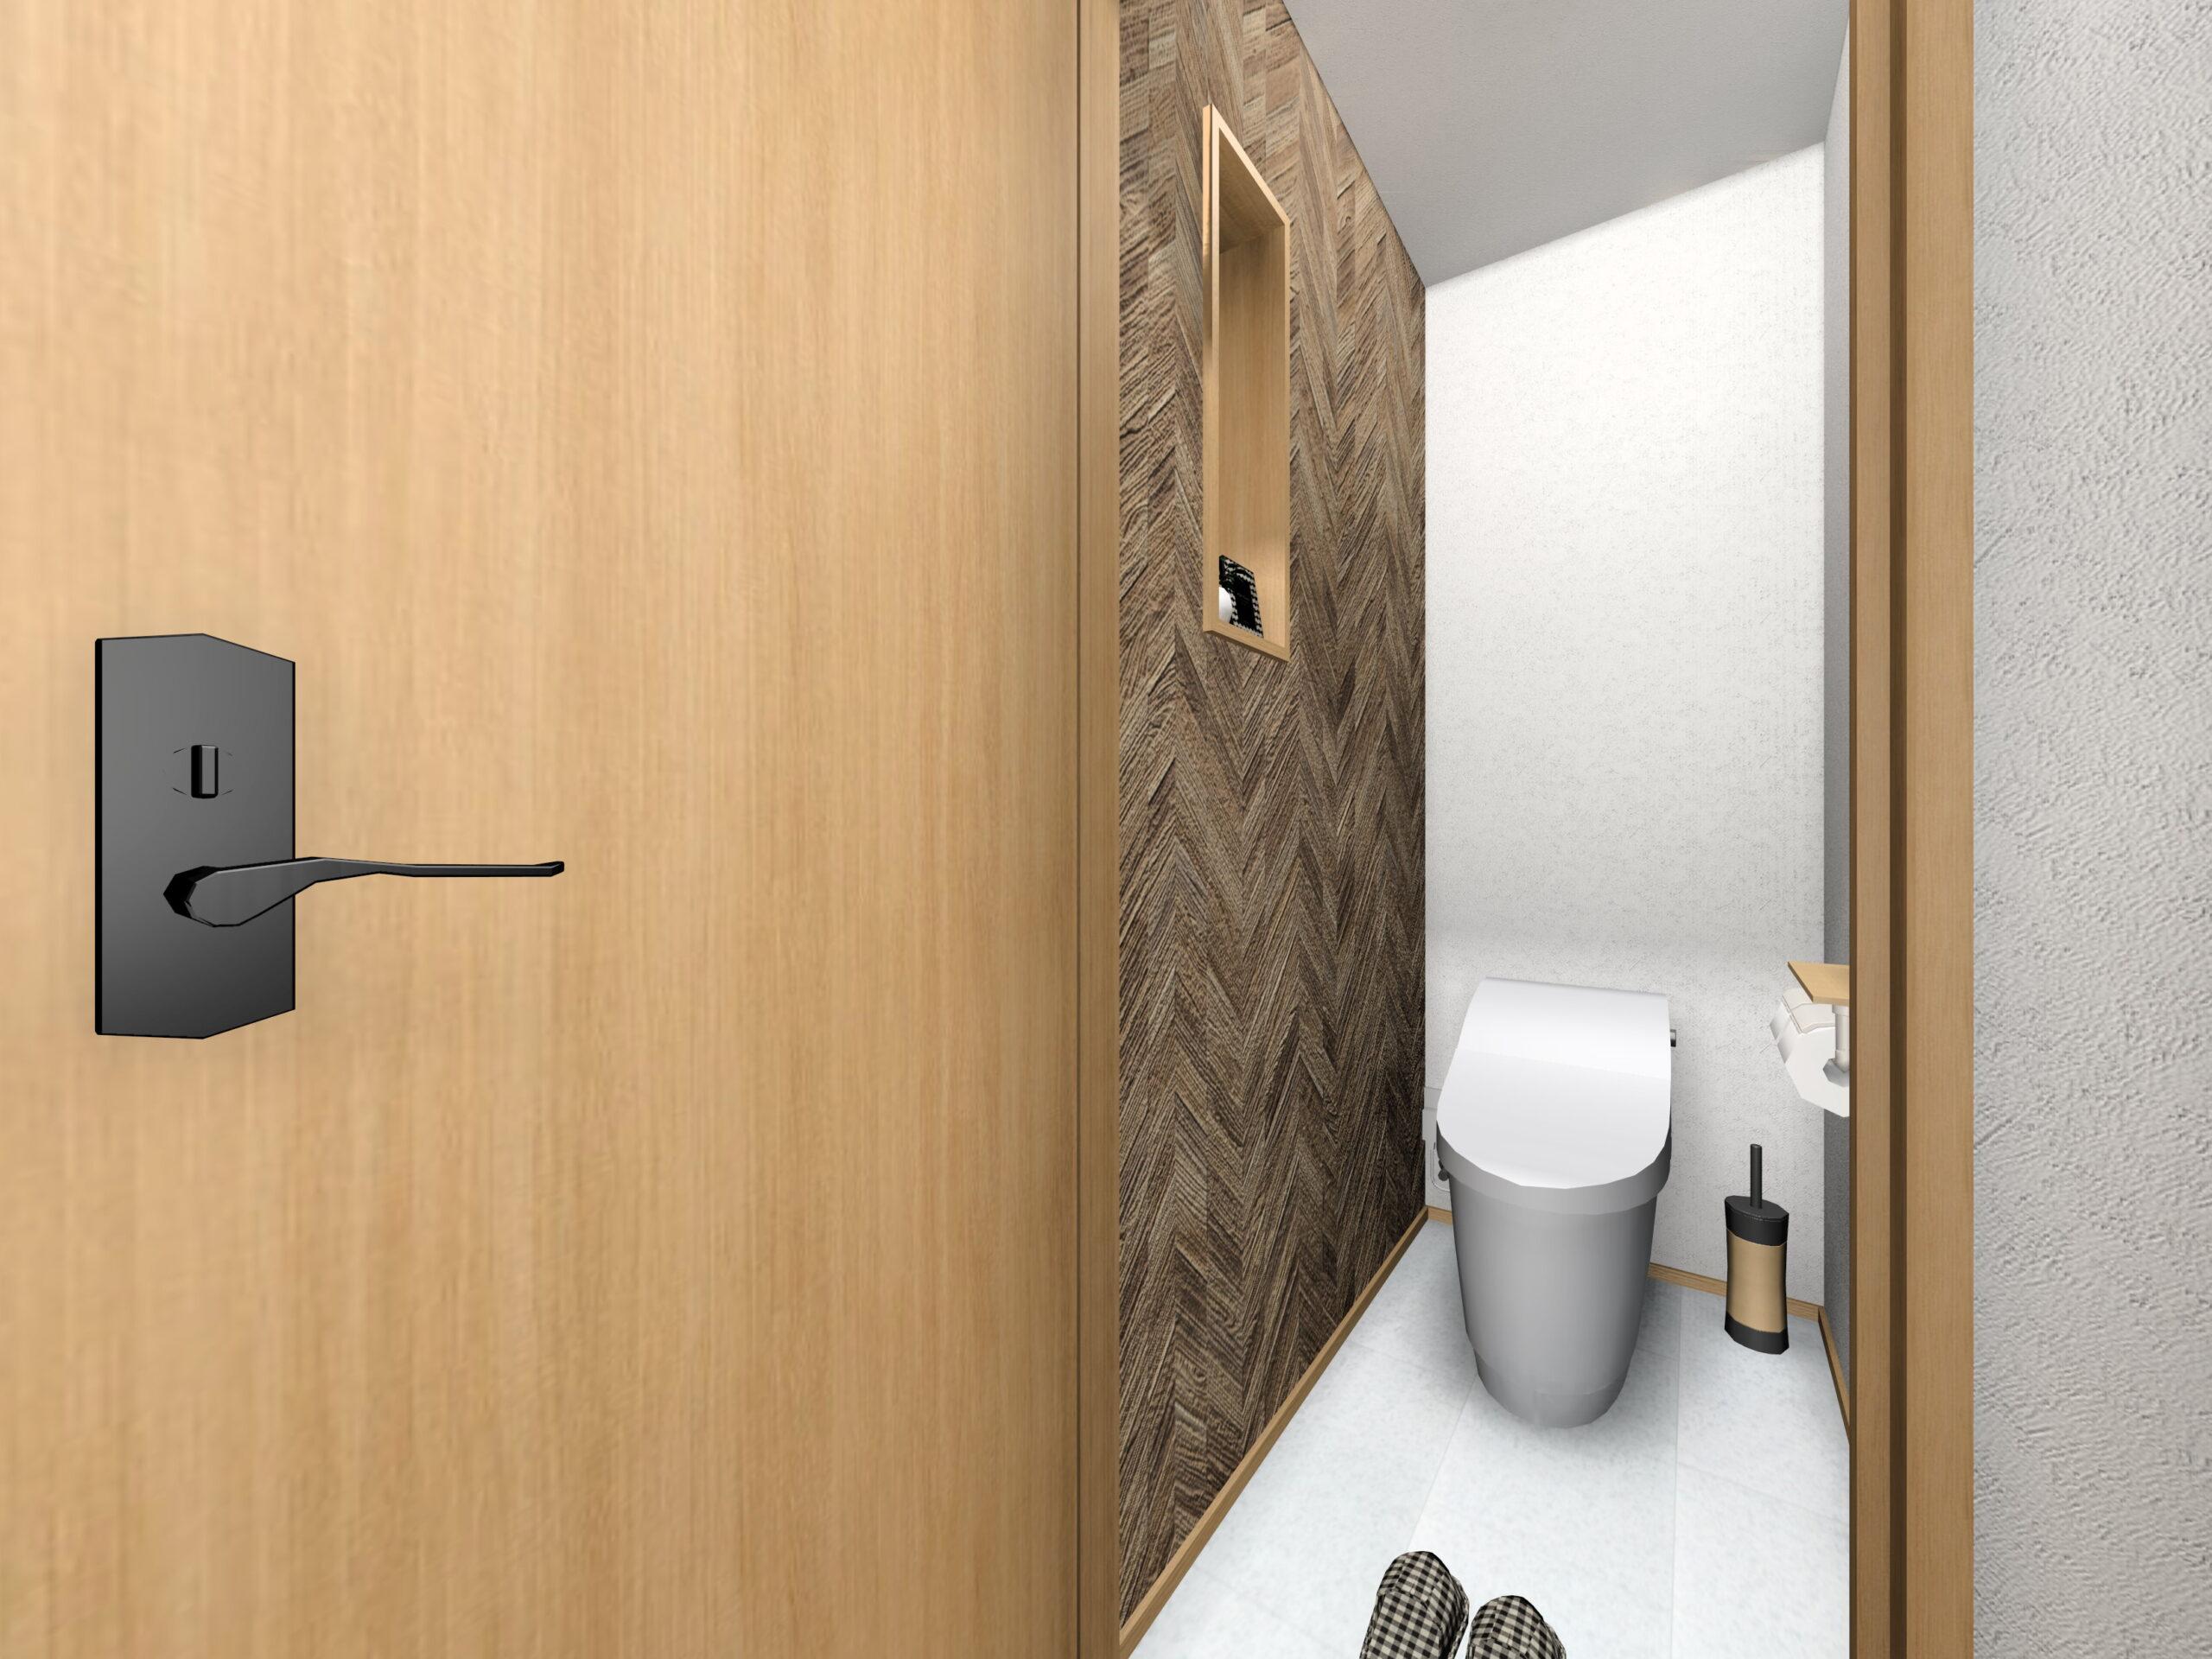 嬉野市新築建売住宅「OURS下野1号地」トイレ1Fパース